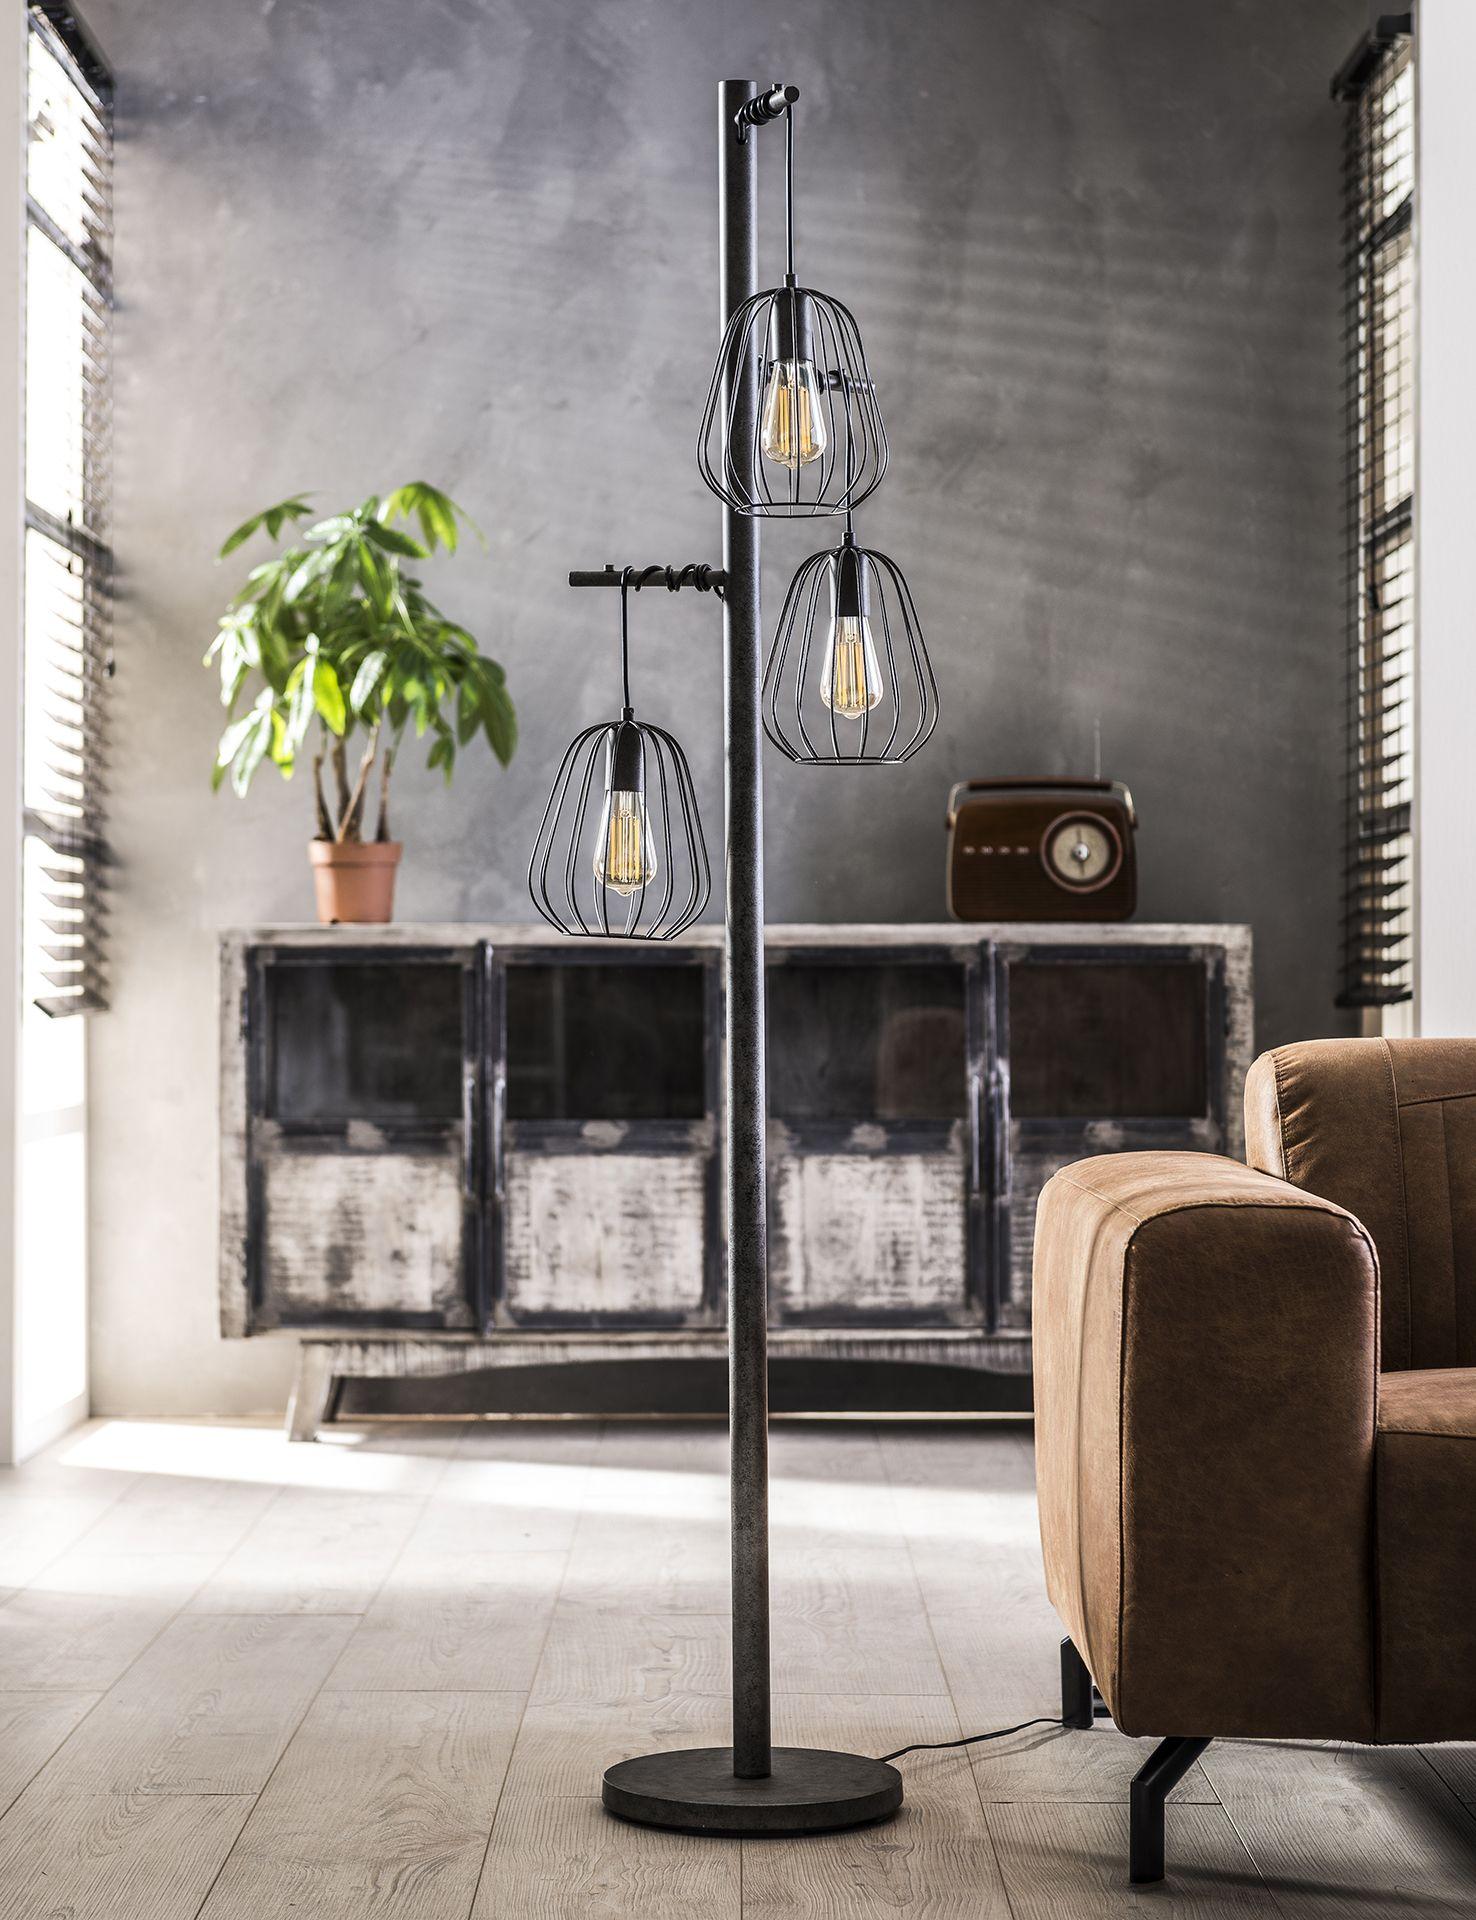 Stehlampe Lampoon  Stehlampe wohnzimmer, Stehlampe, Stehlampen